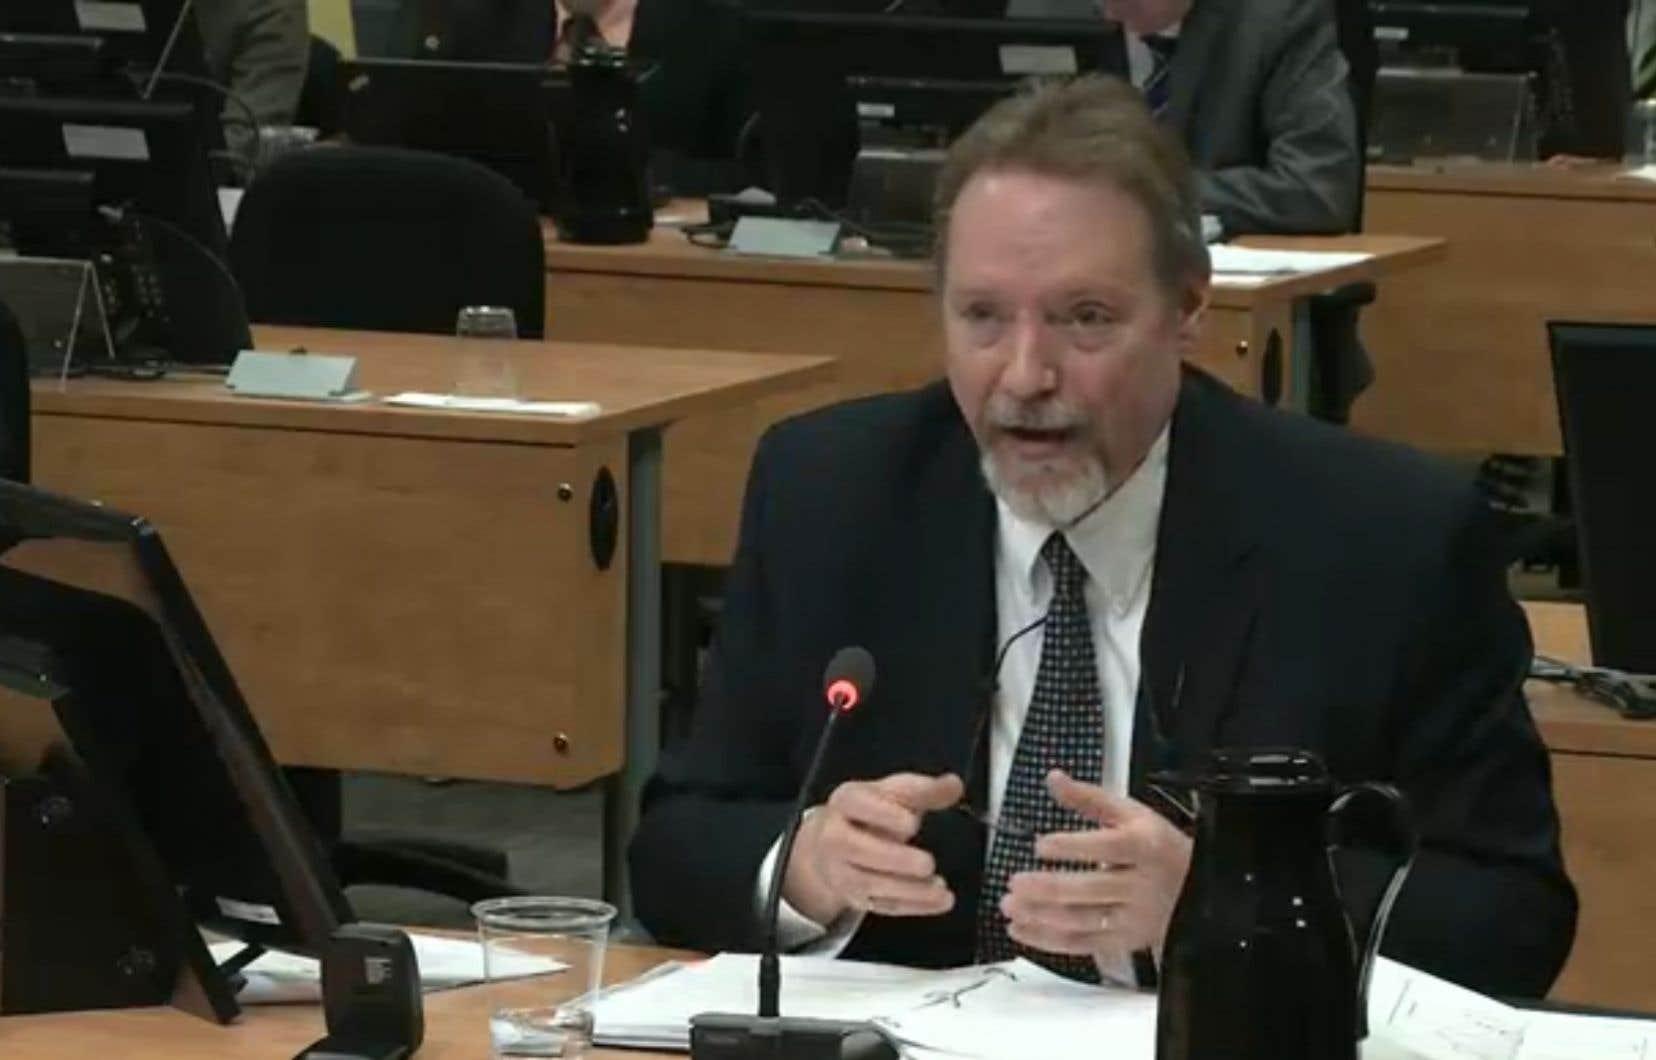 Le syndic adjoint de l'Ordre des ingénieurs du Québec, André Prud'homme, a passé deux ans à enquêter sur ce stratagème. Il ignore ce qu'il est advenu des 200 000 $.